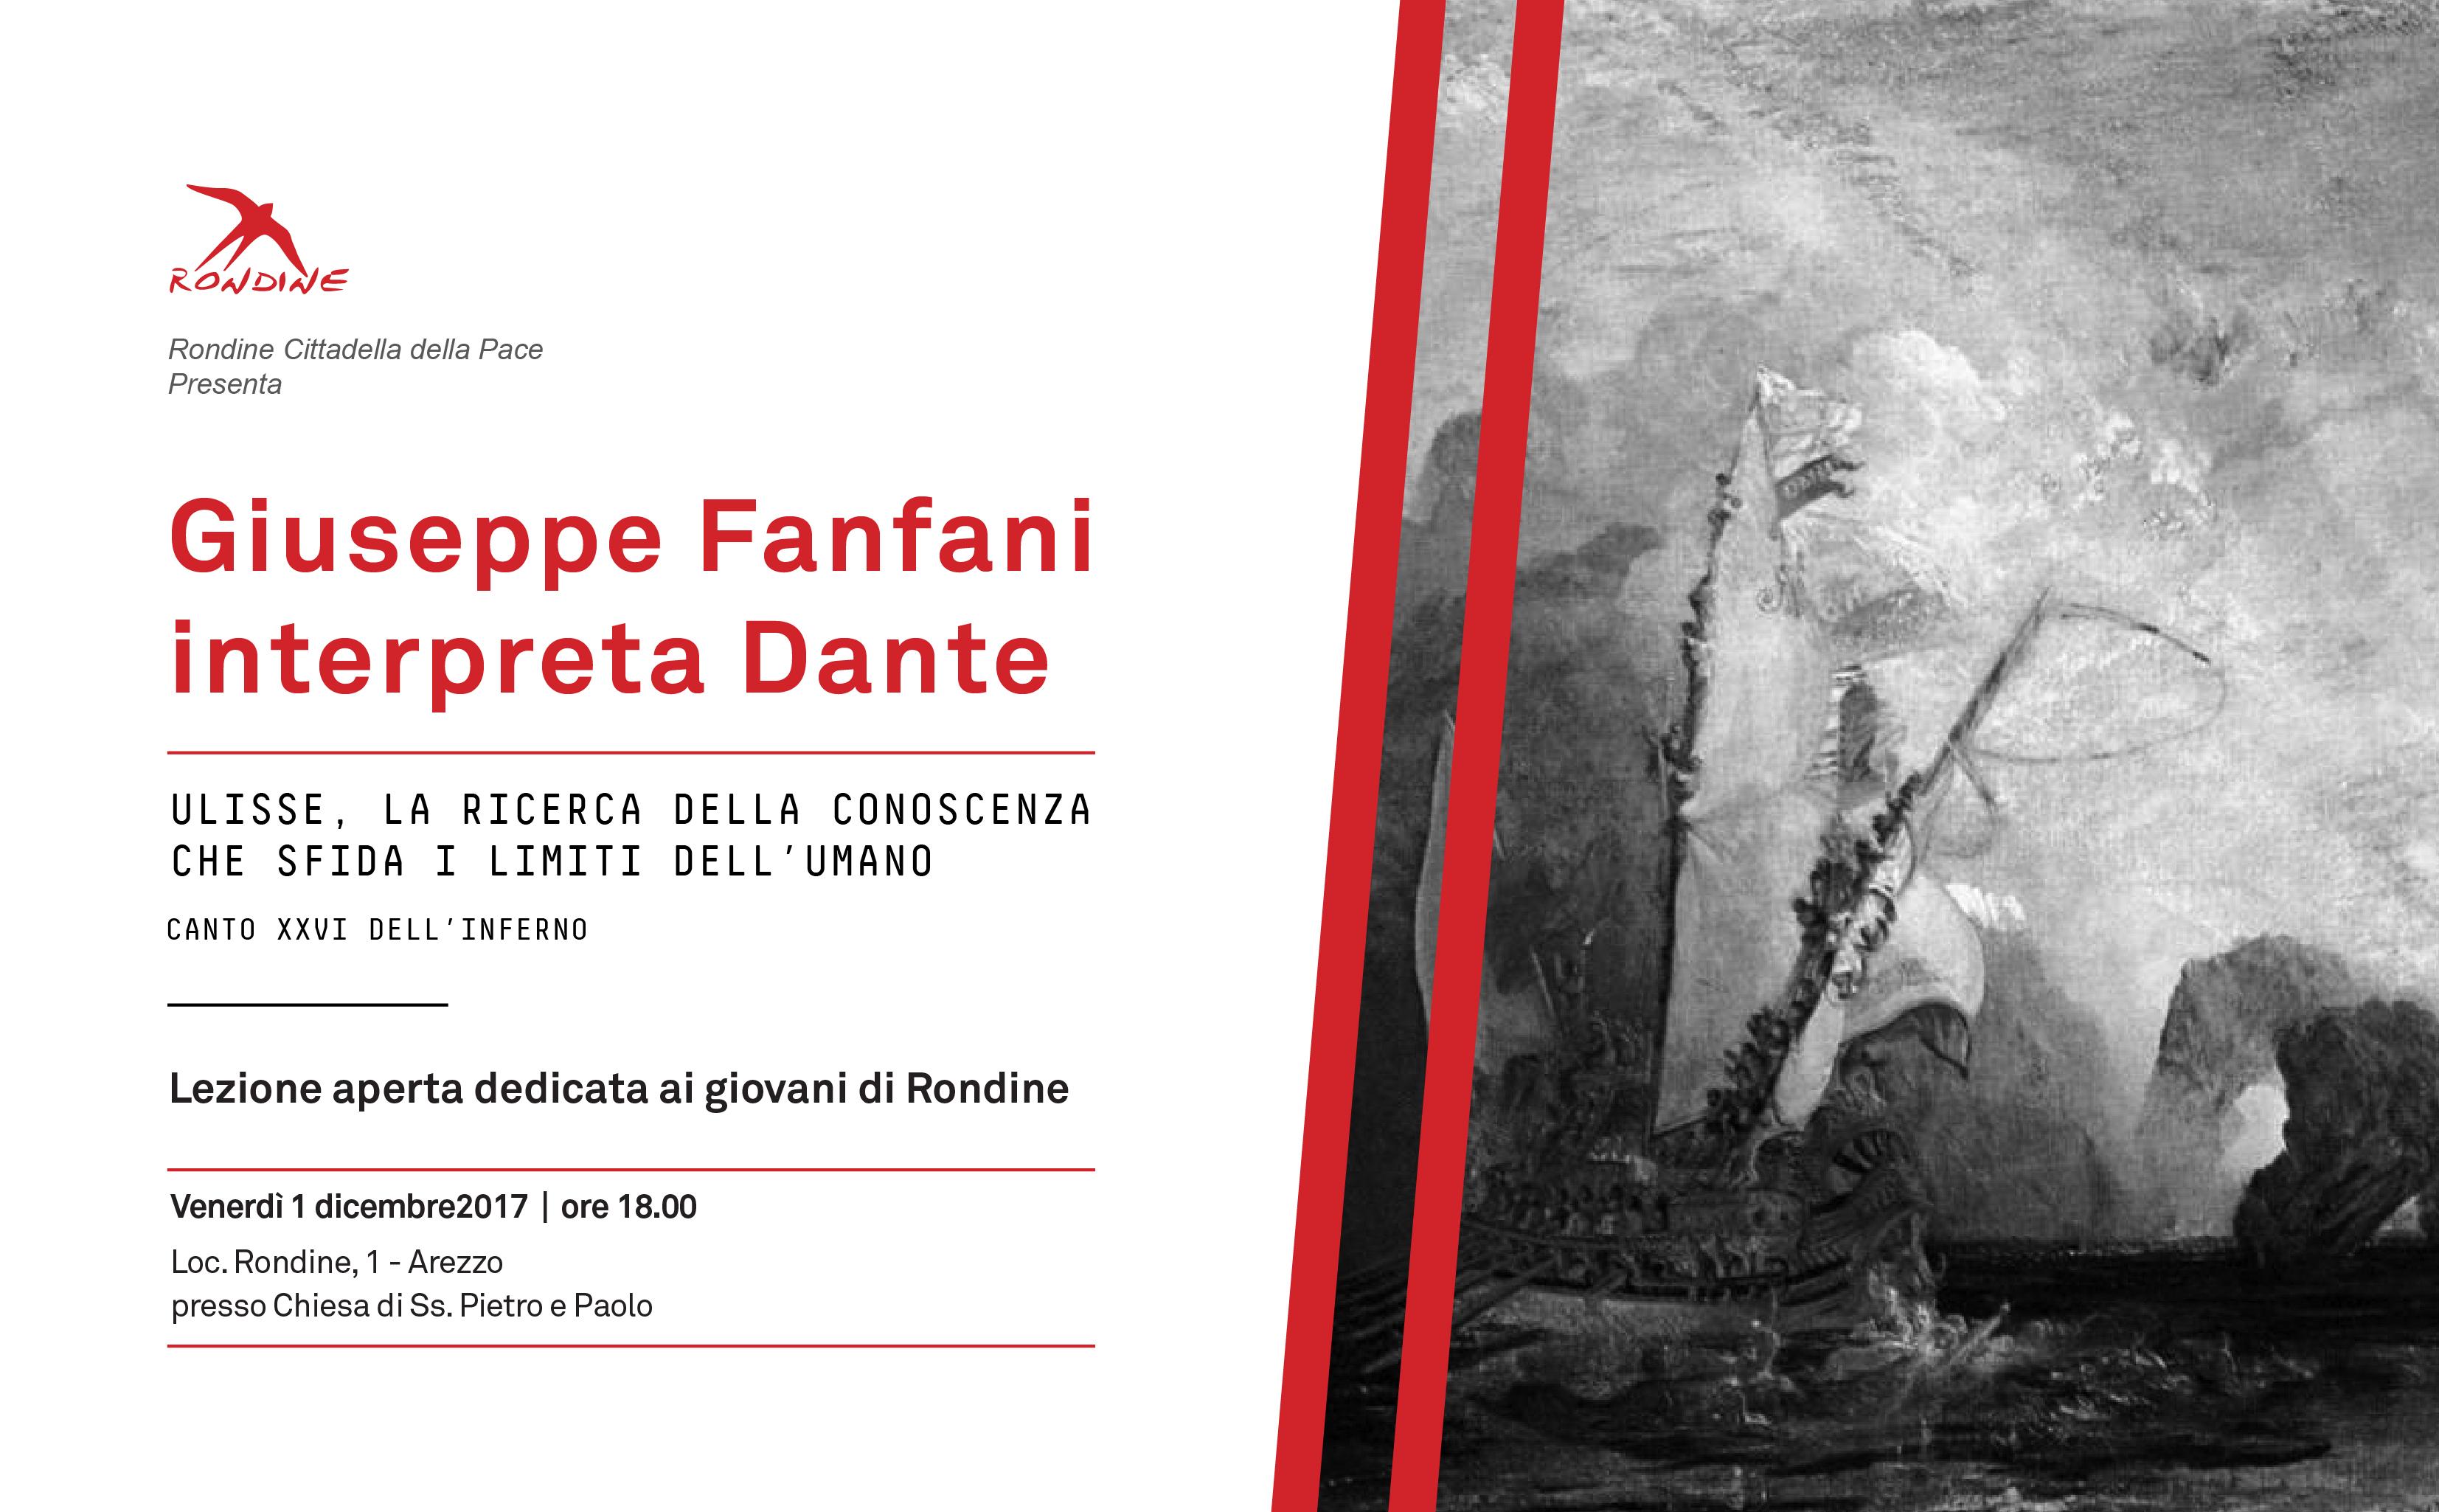 Giuseppe Fanfani interpreta Dante. Ulisse, la ricerca della conoscenza che sfida i limiti dell'umano